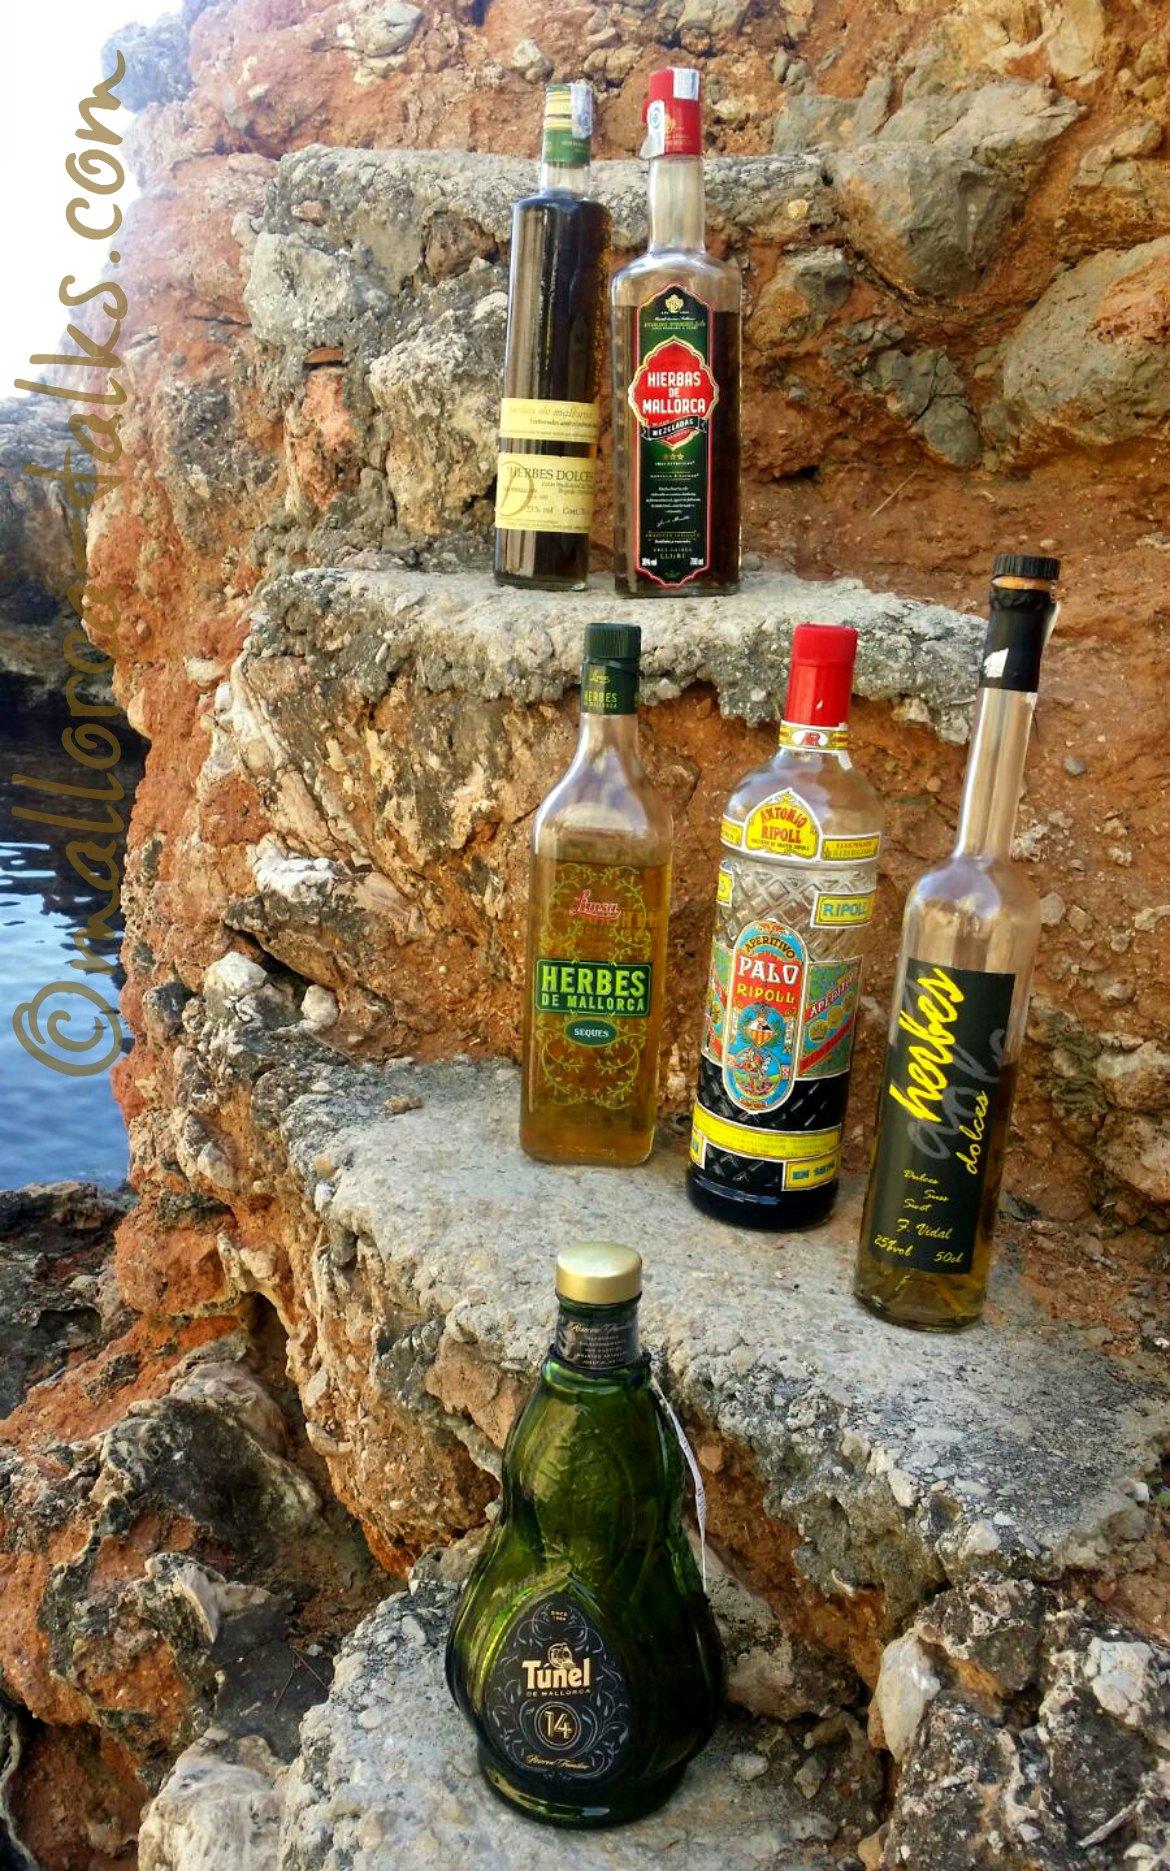 Hierbas auf der Mallorca Talks Hierbastour zu Wasser